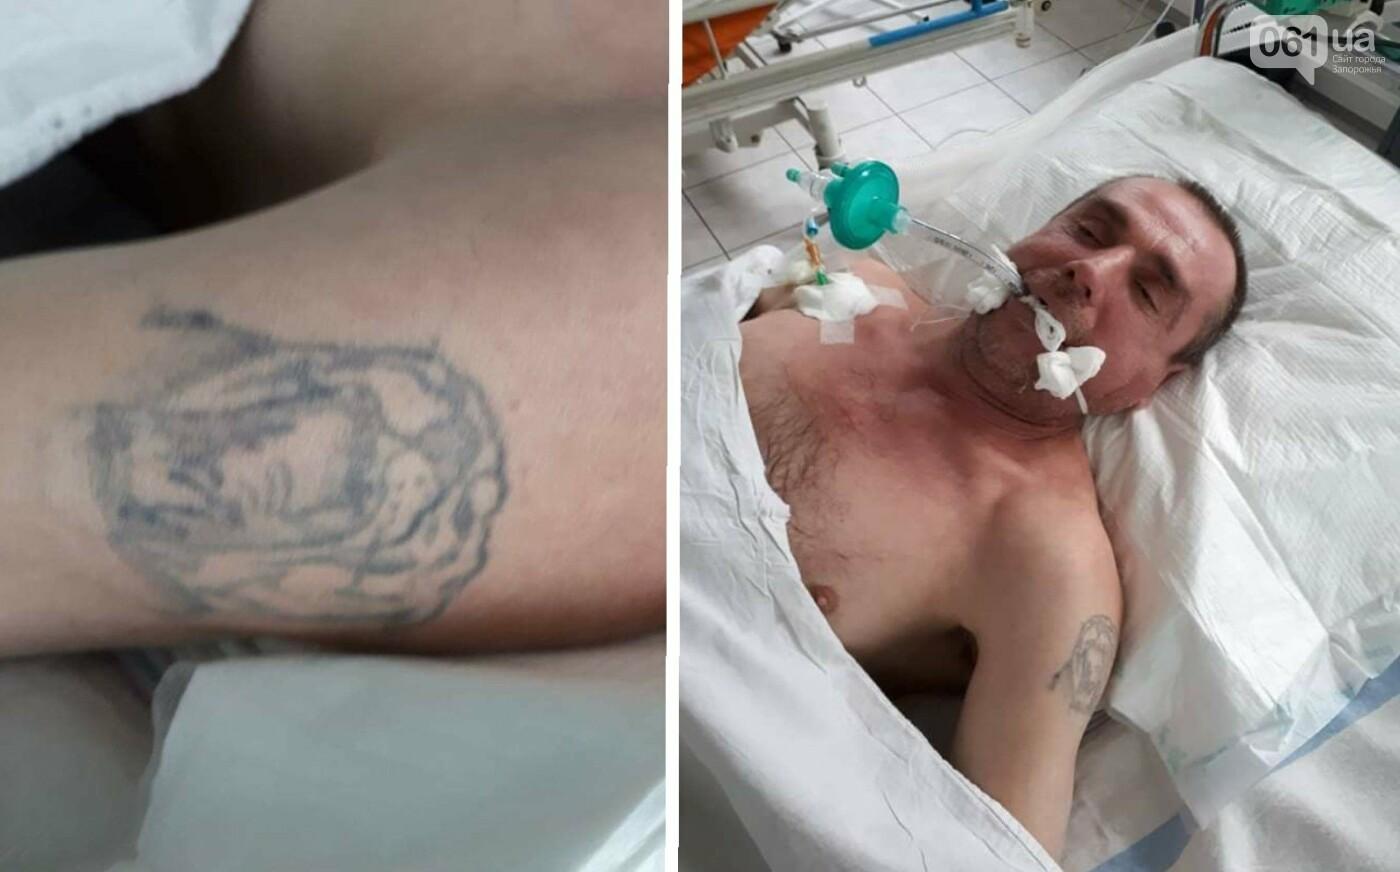 Запорожцев просят помочь опознать мужчину, который попал в больницу, - ФОТО, фото-1